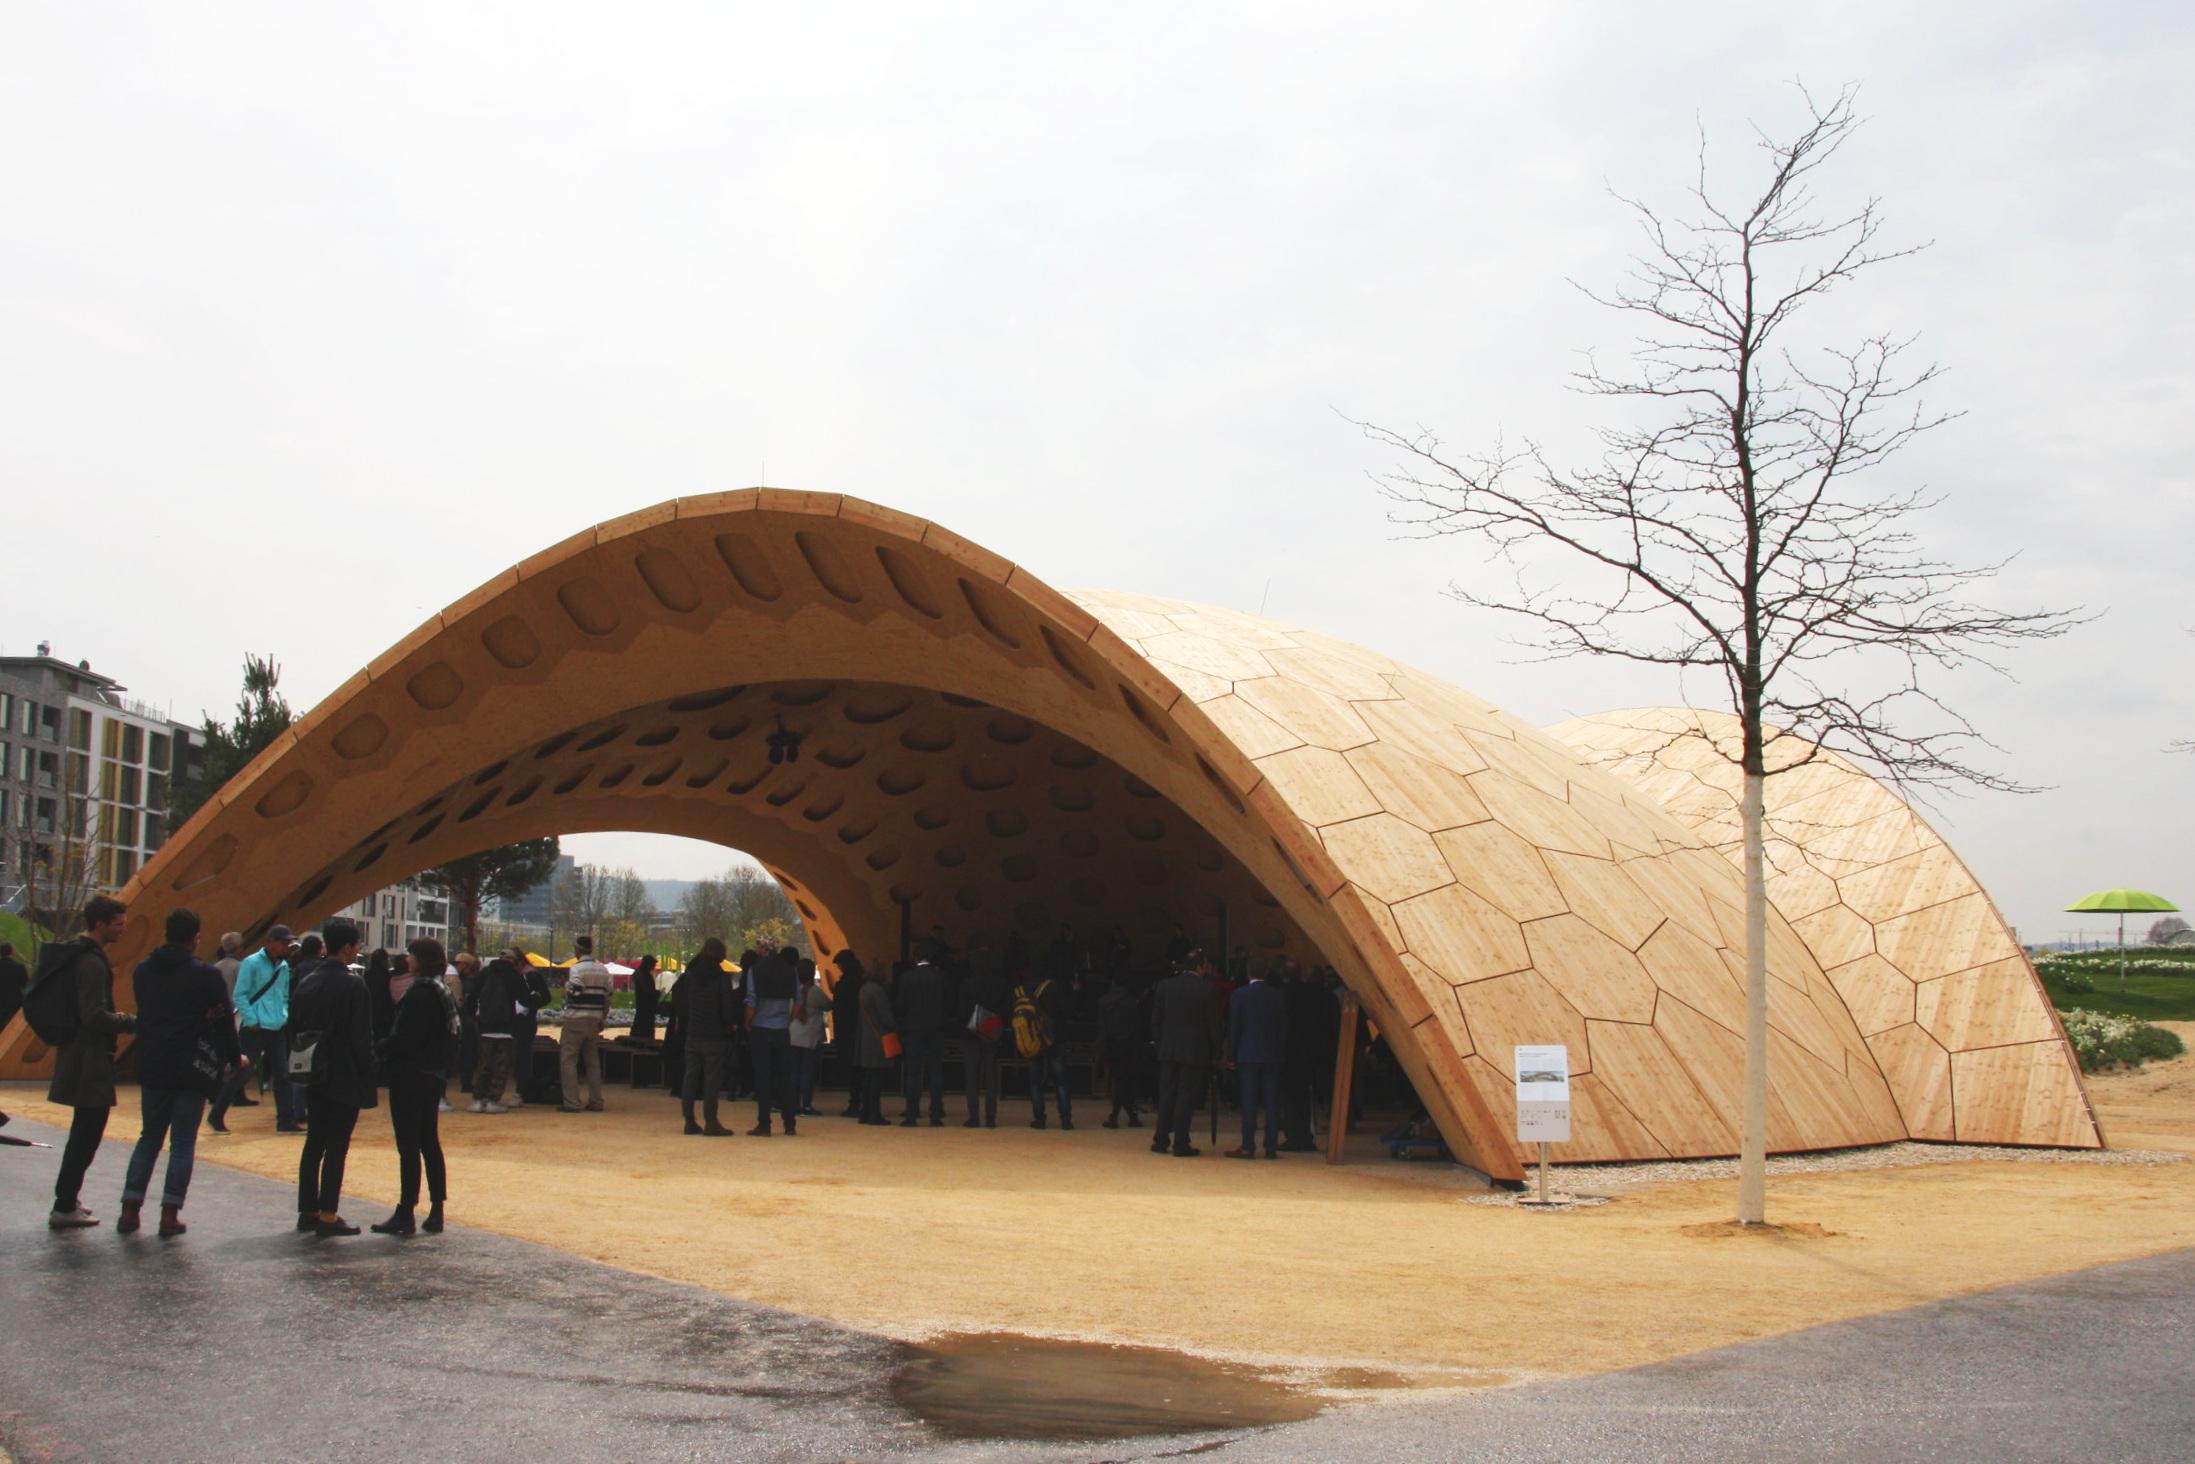 Holzpavillon, Bundesgartenschau 2019, Heilbronn (17. April - 06. Oktober)